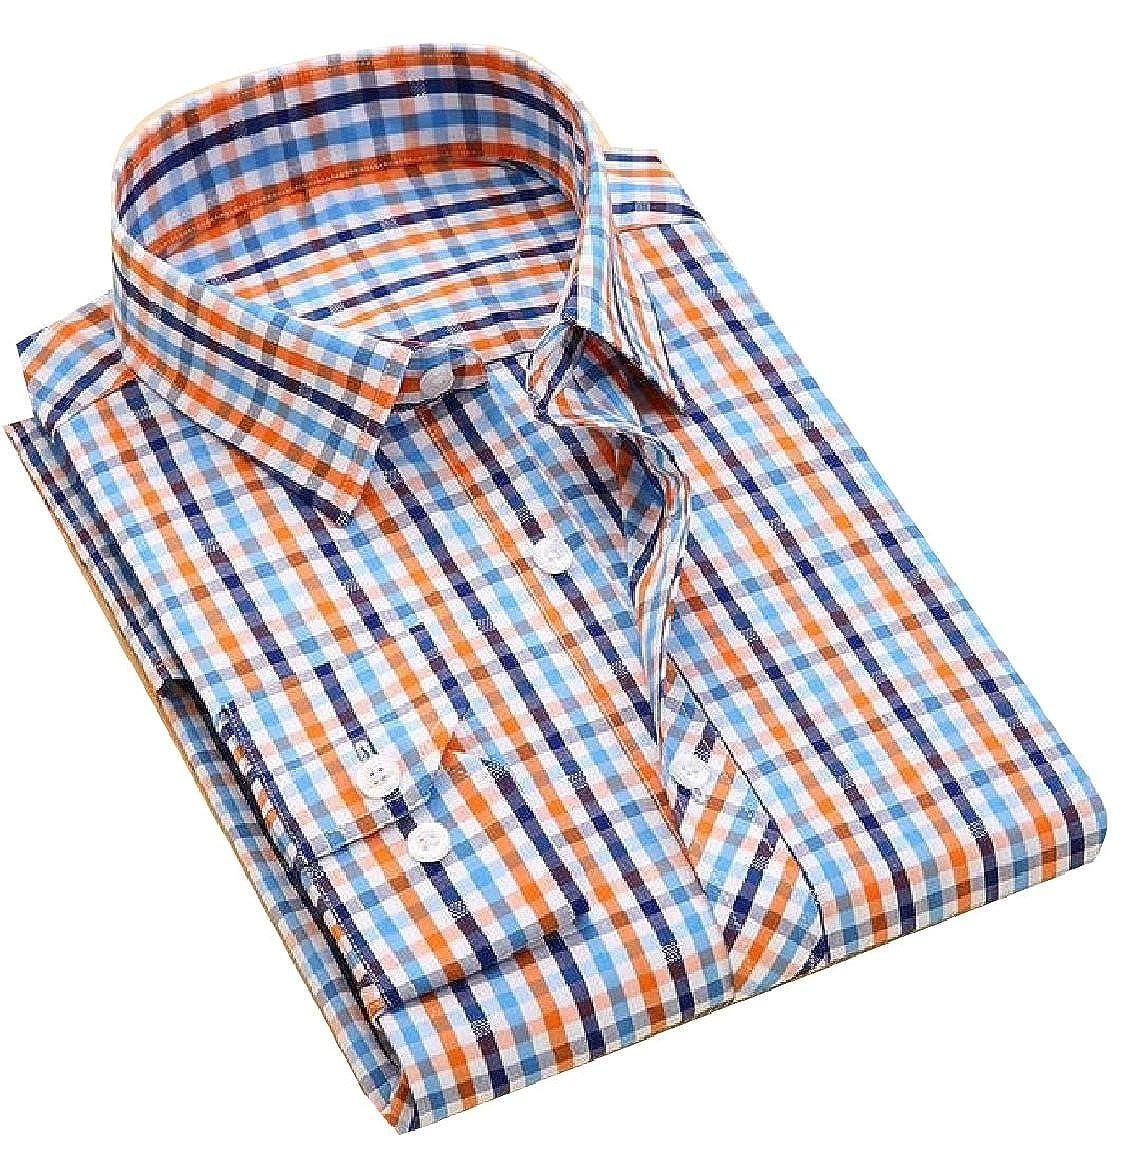 YUNY Men Cotton Classic Plaid Button Down Long-Sleeve Casual Shirt 8 XS